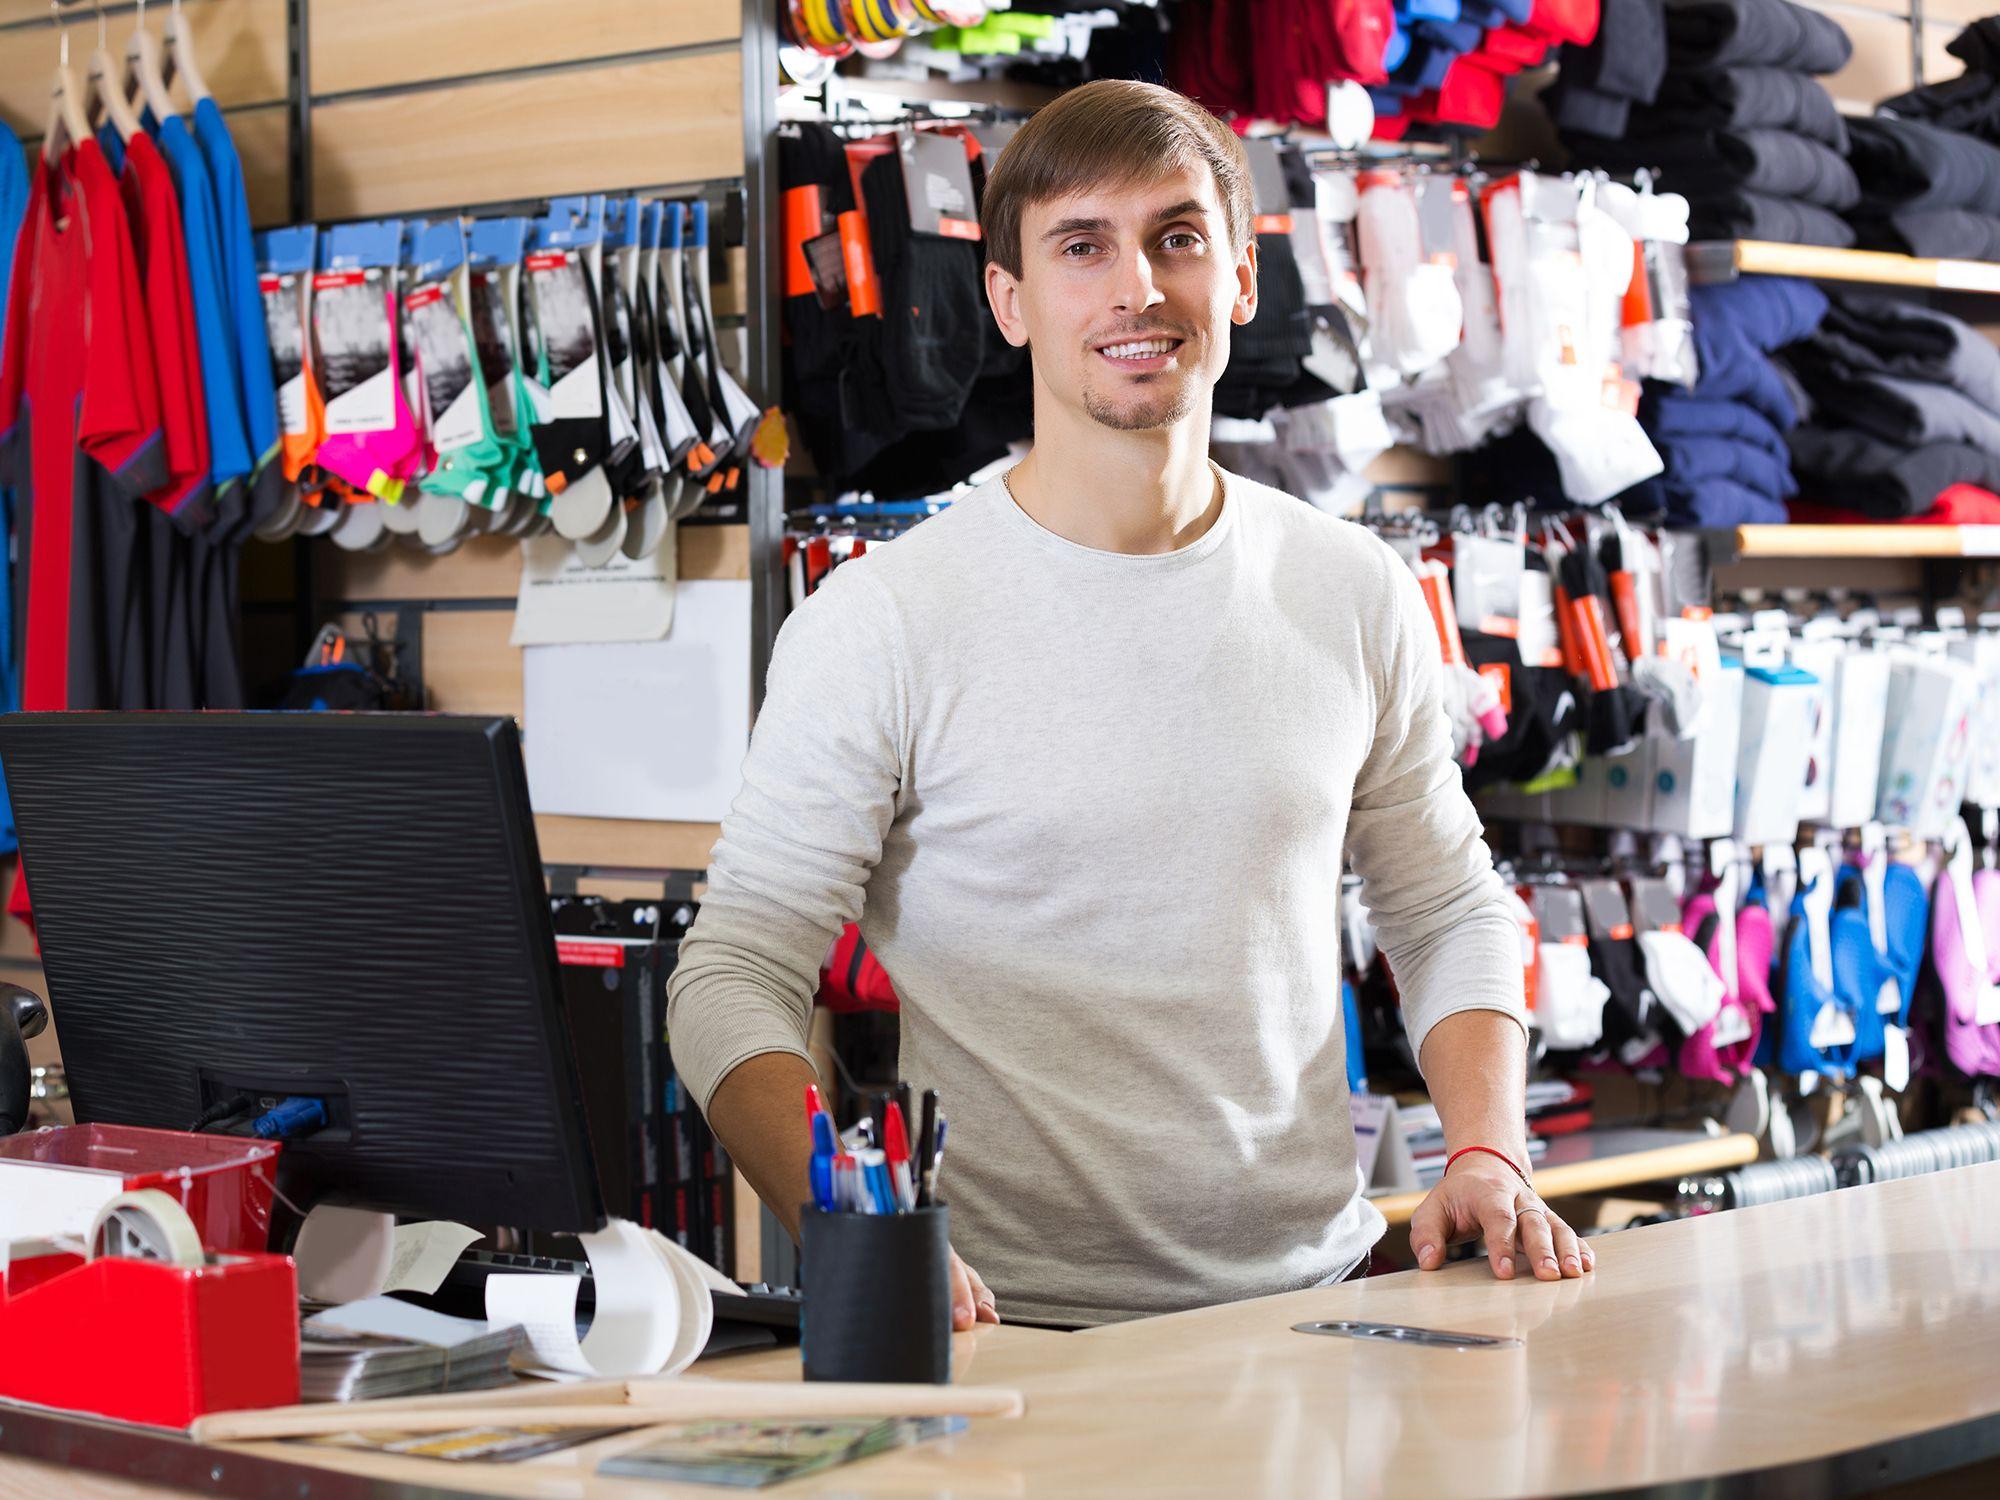 Level 4 - Pop-up-Verkäufer wie Verkaufsprofis, Pop-up-Store Personal, Verkaufstalente, Verkaufsberater, Verkaufsmitarbeiter und Vertriebler zwecks direkter Personalvermittlung oder Zeitarbeit per Arbeitnehmerüberlassung und Personalüberlassung für den Einzelhandel, Pop-up-Shops, Pop-up Retail, Boutique, Pop up Stores, Pop up Laden, Outlets, Pop Up Bars, Pop Up Container, Pop up Locations, Pop up Unternehmen, Pop up Wall, Kundenservice, Kundenbetreuung, Kundenbindung, Verkaufsförderung und Absatzförderung finden und buchen